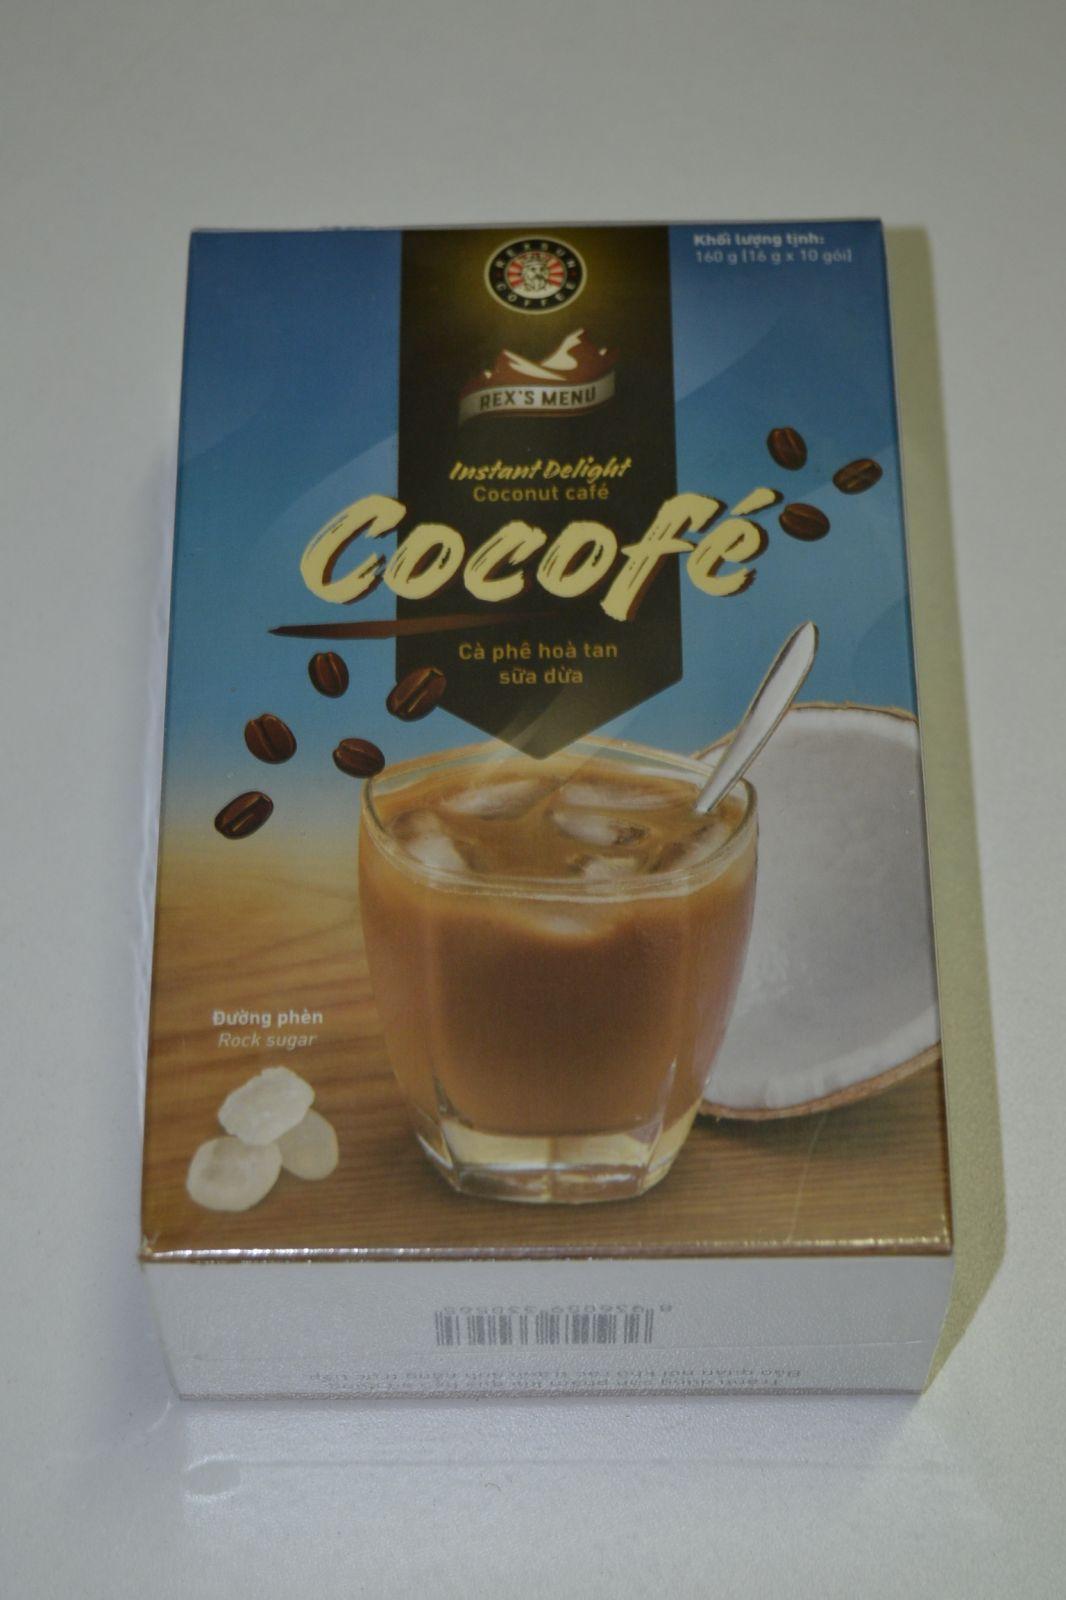 Instantní káva - Cocofé, coconut café - Rexsun Cofee